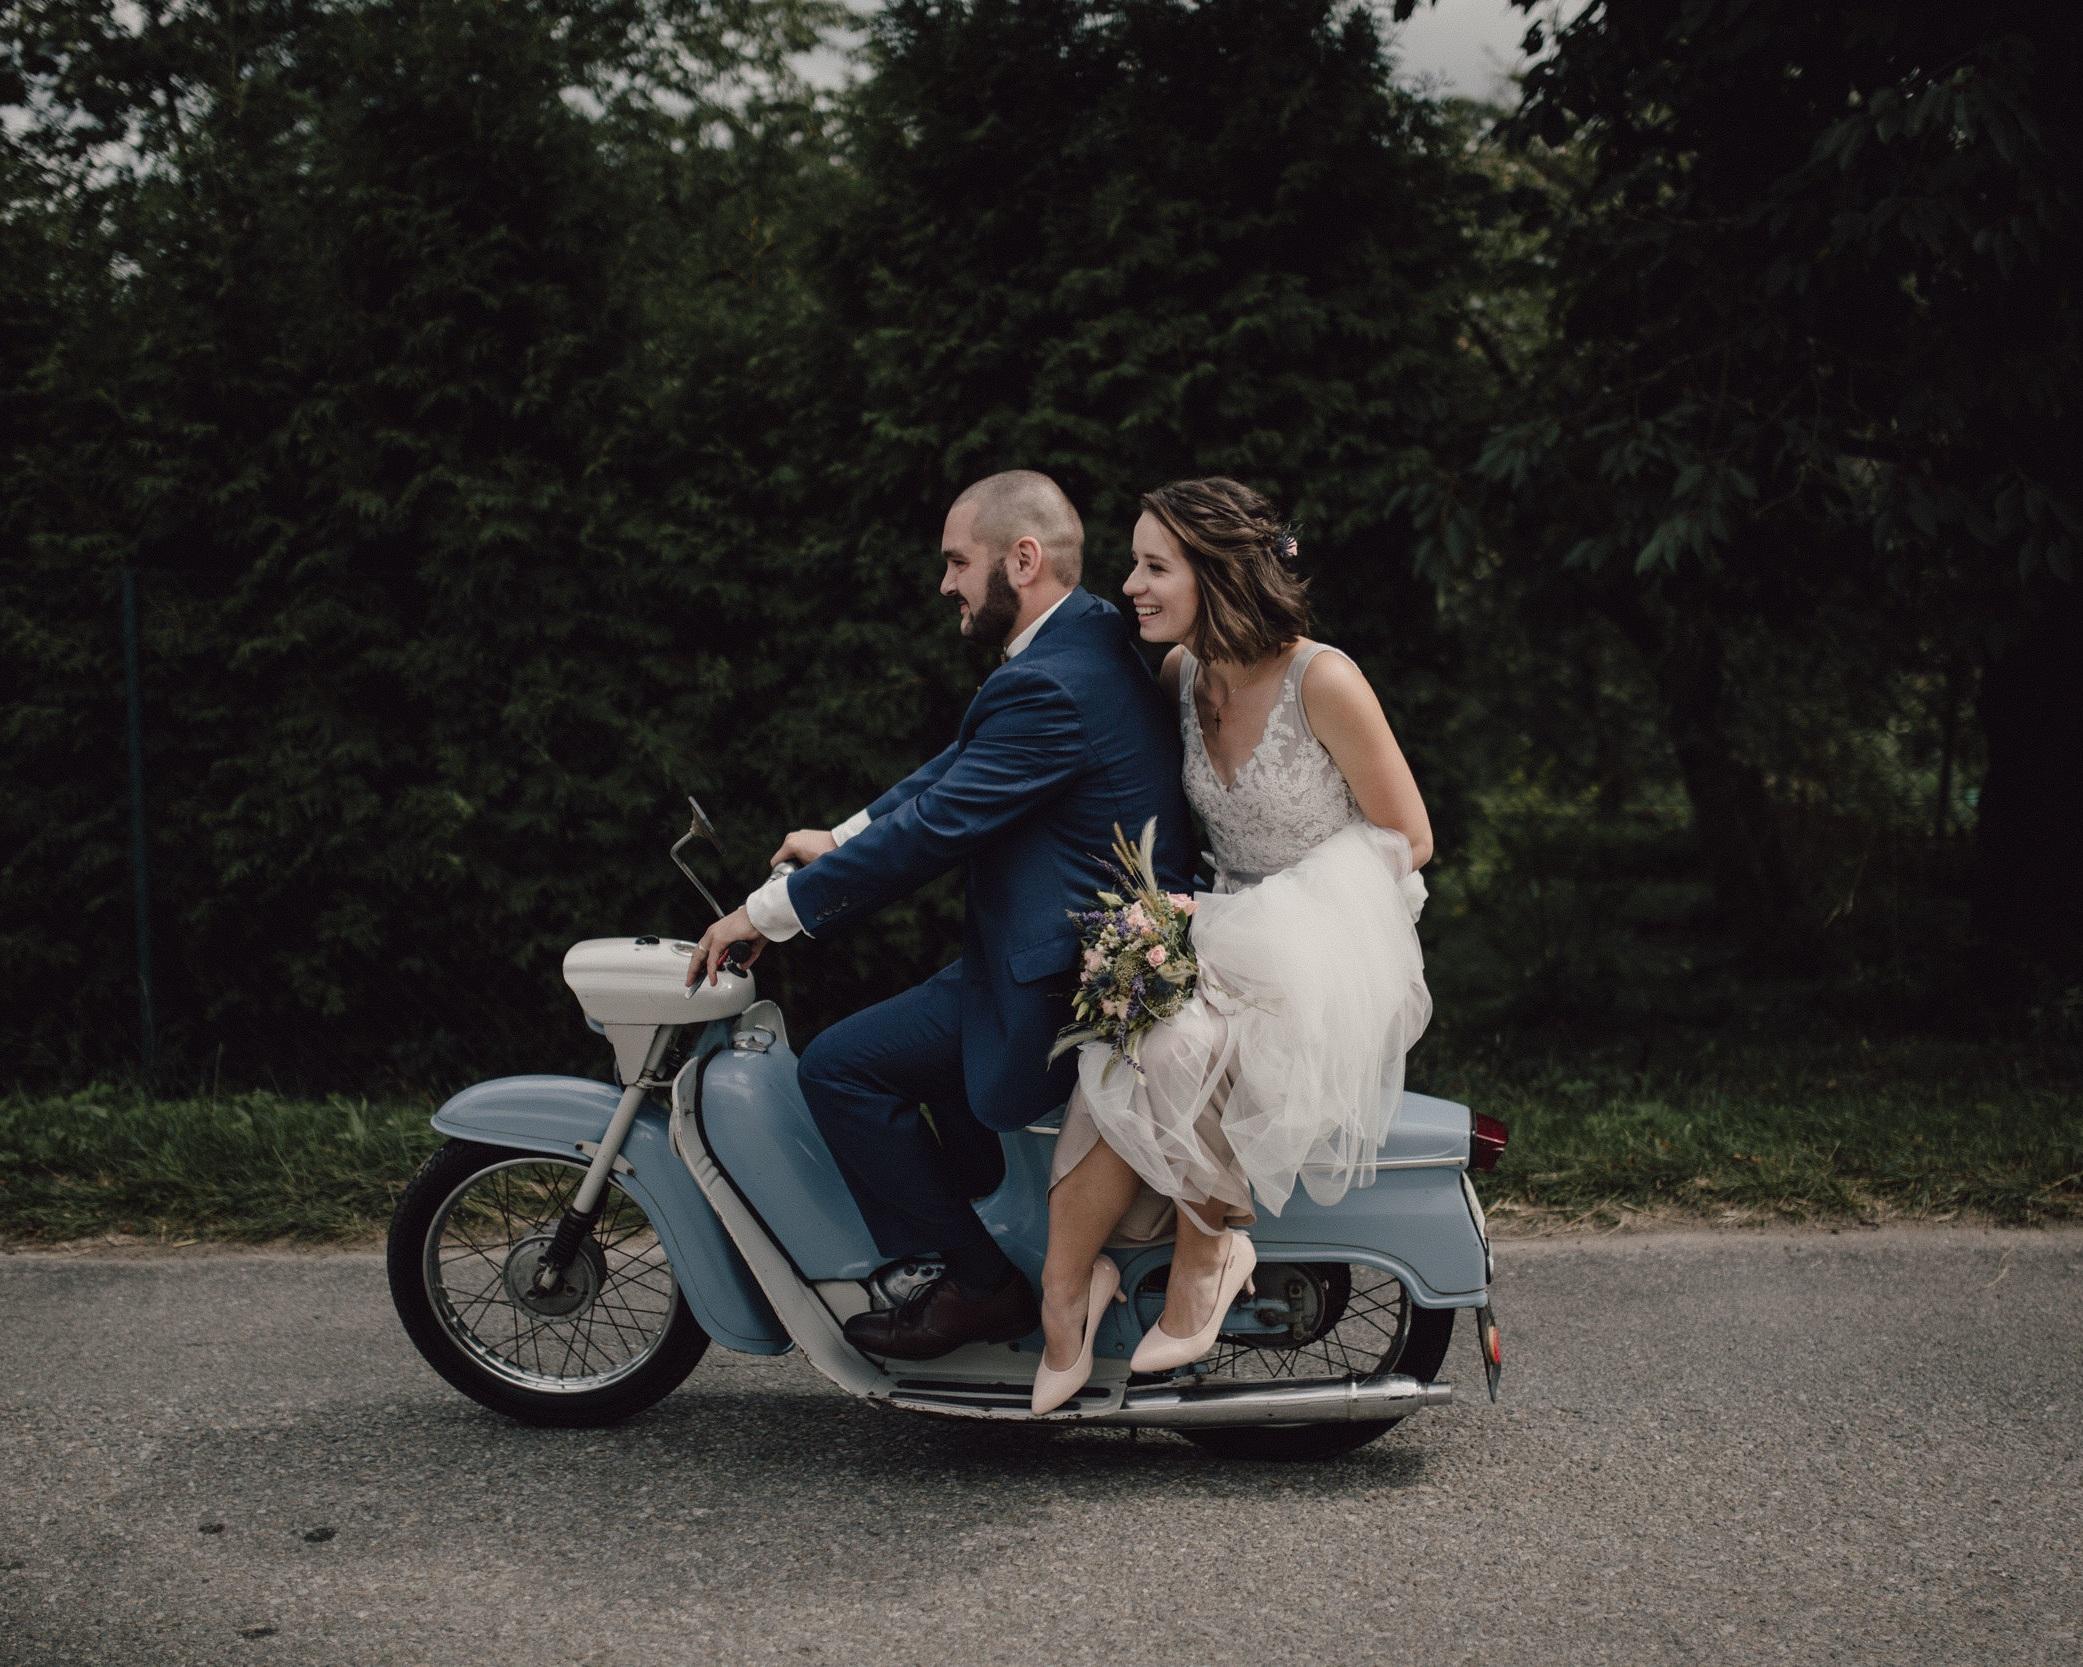 Svatba 02 - celodenní focení svatby11 hodin foceníonline galerieflash diskpředsvatební párové focení19000,-(+ cestovné z Ústí n.L.)